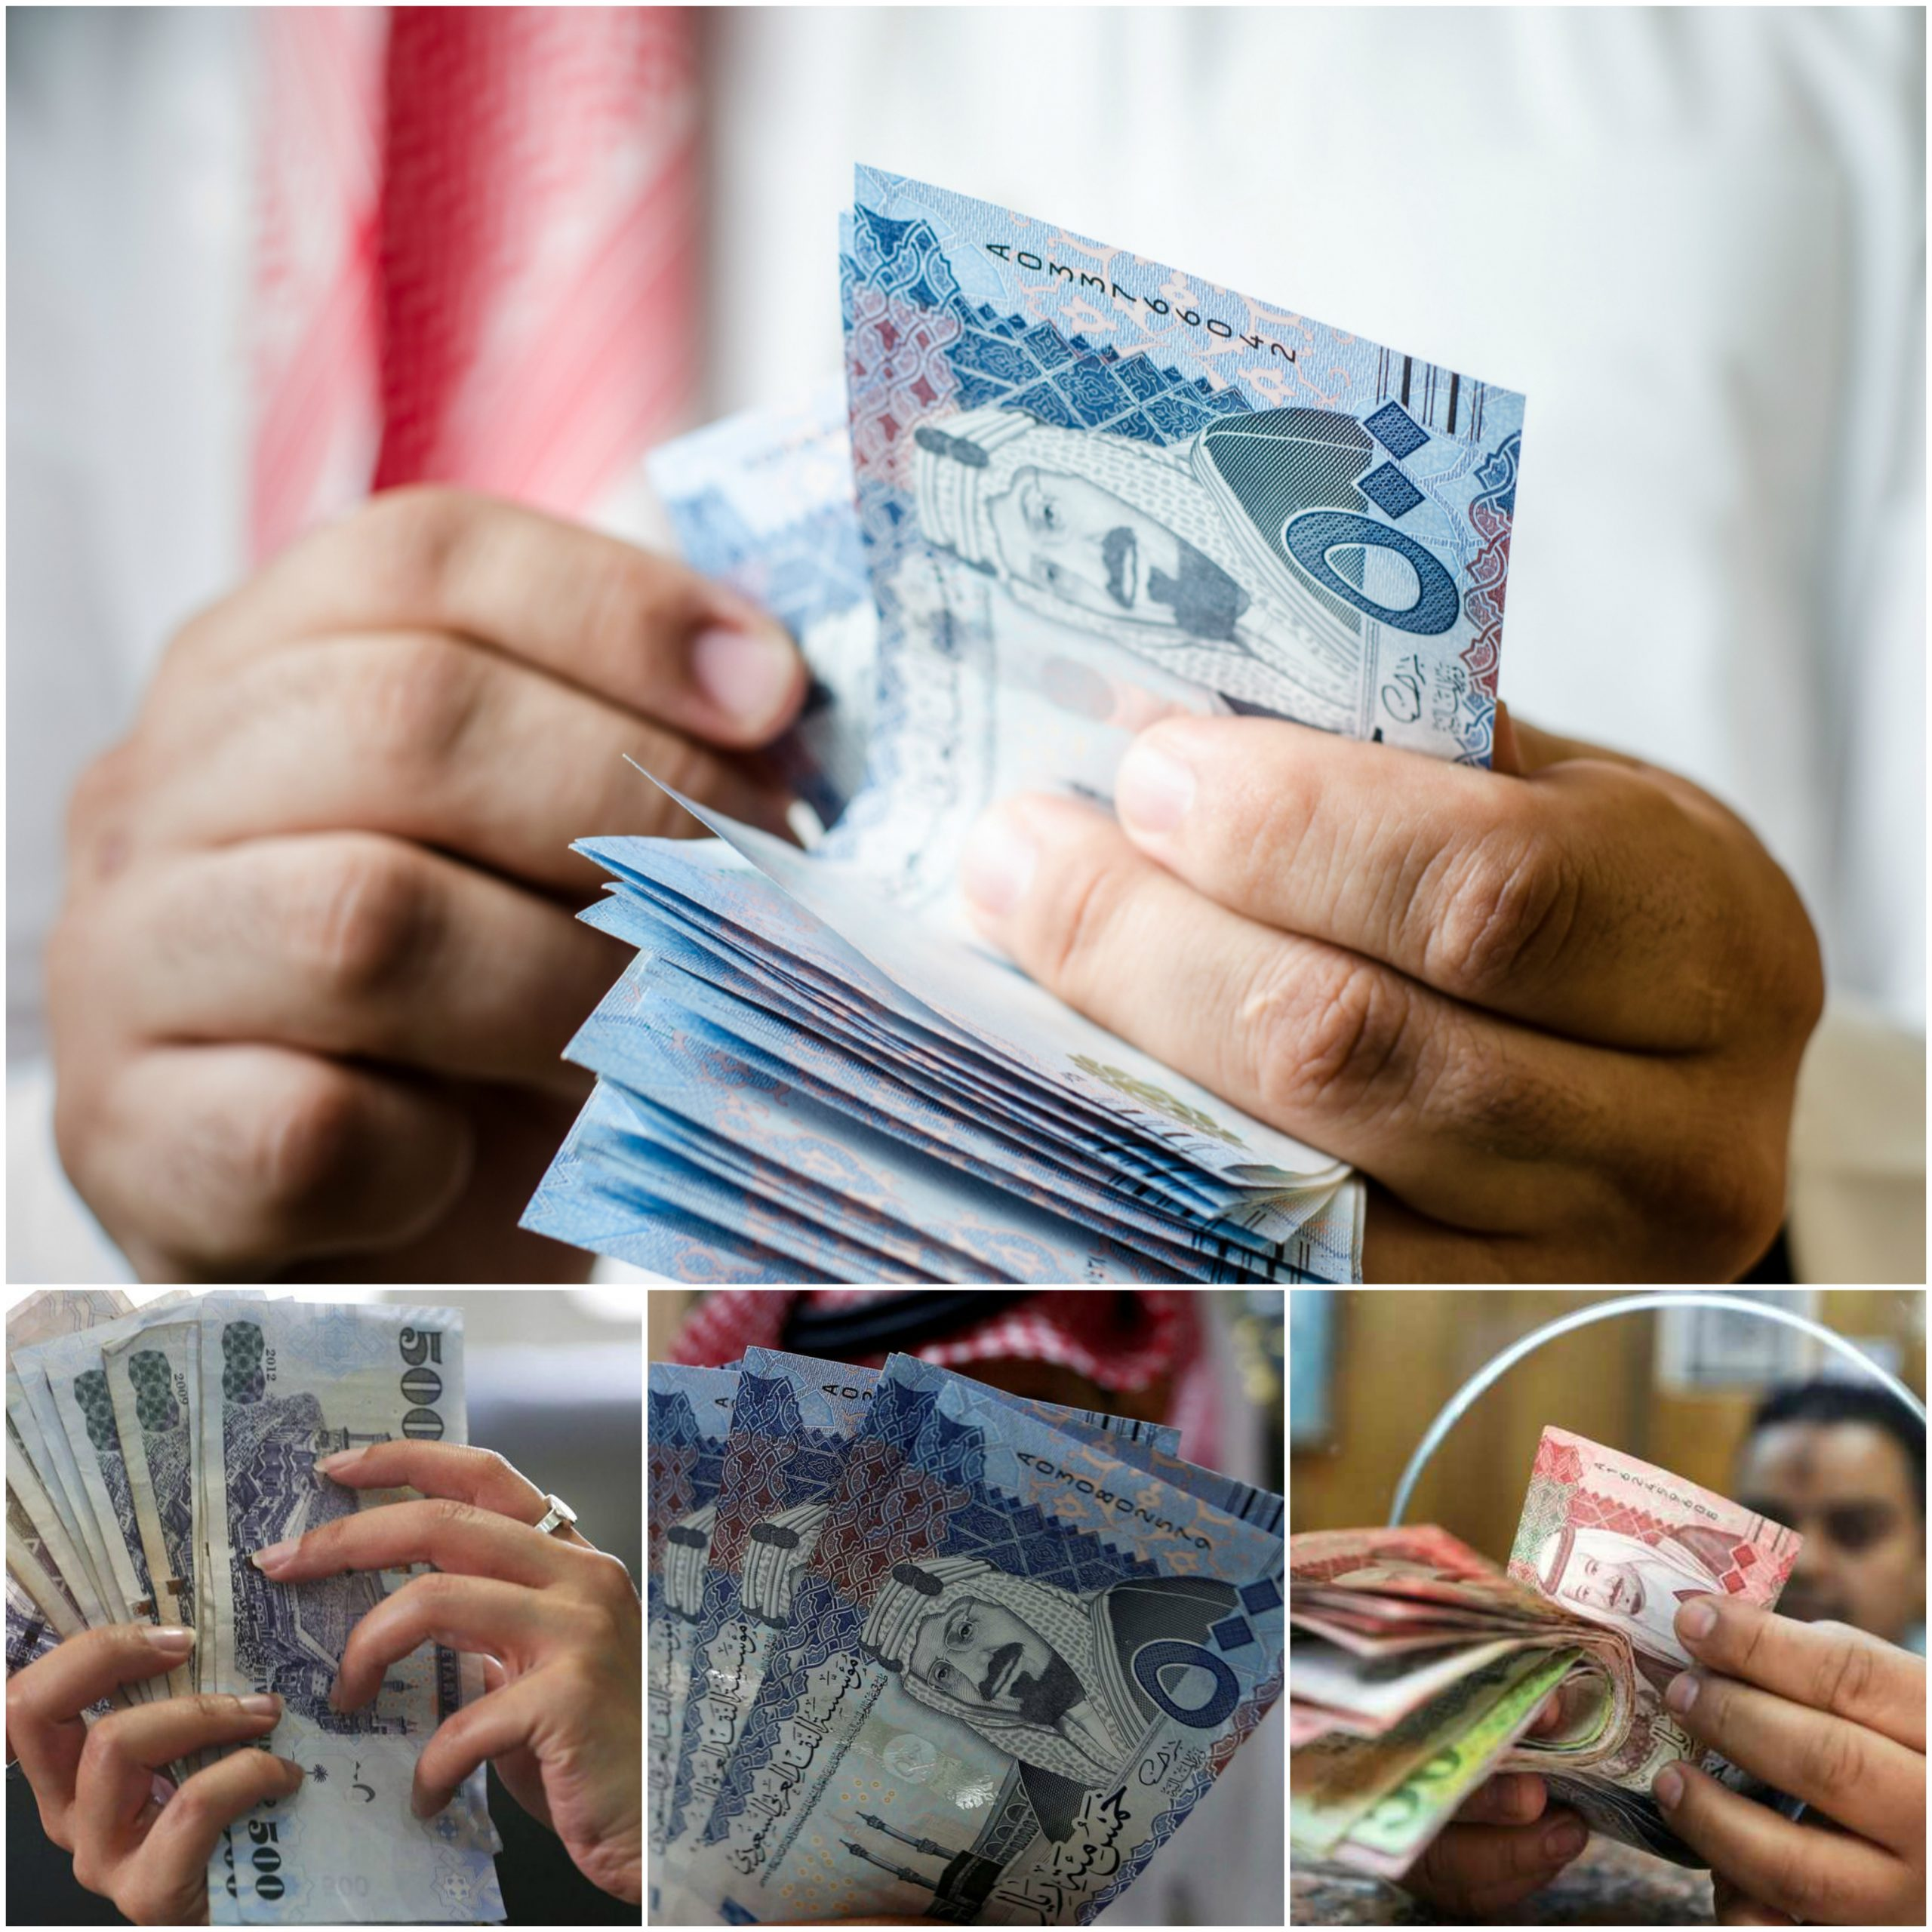 الحصول علي قرض شخصي بالتقسيط بدون كفيل للمقيمين بالسعودية